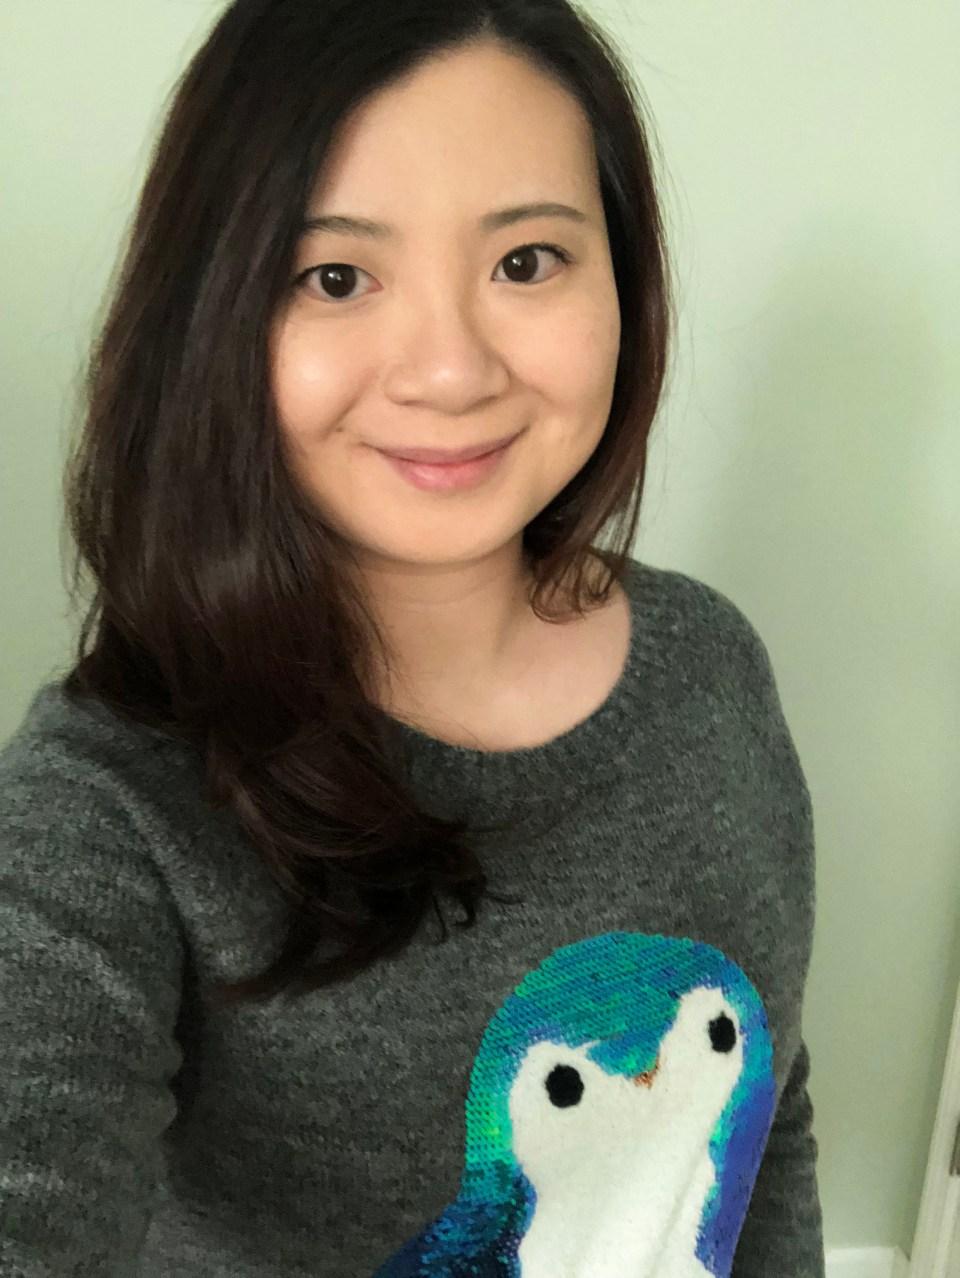 Sequin Penguin Sweater